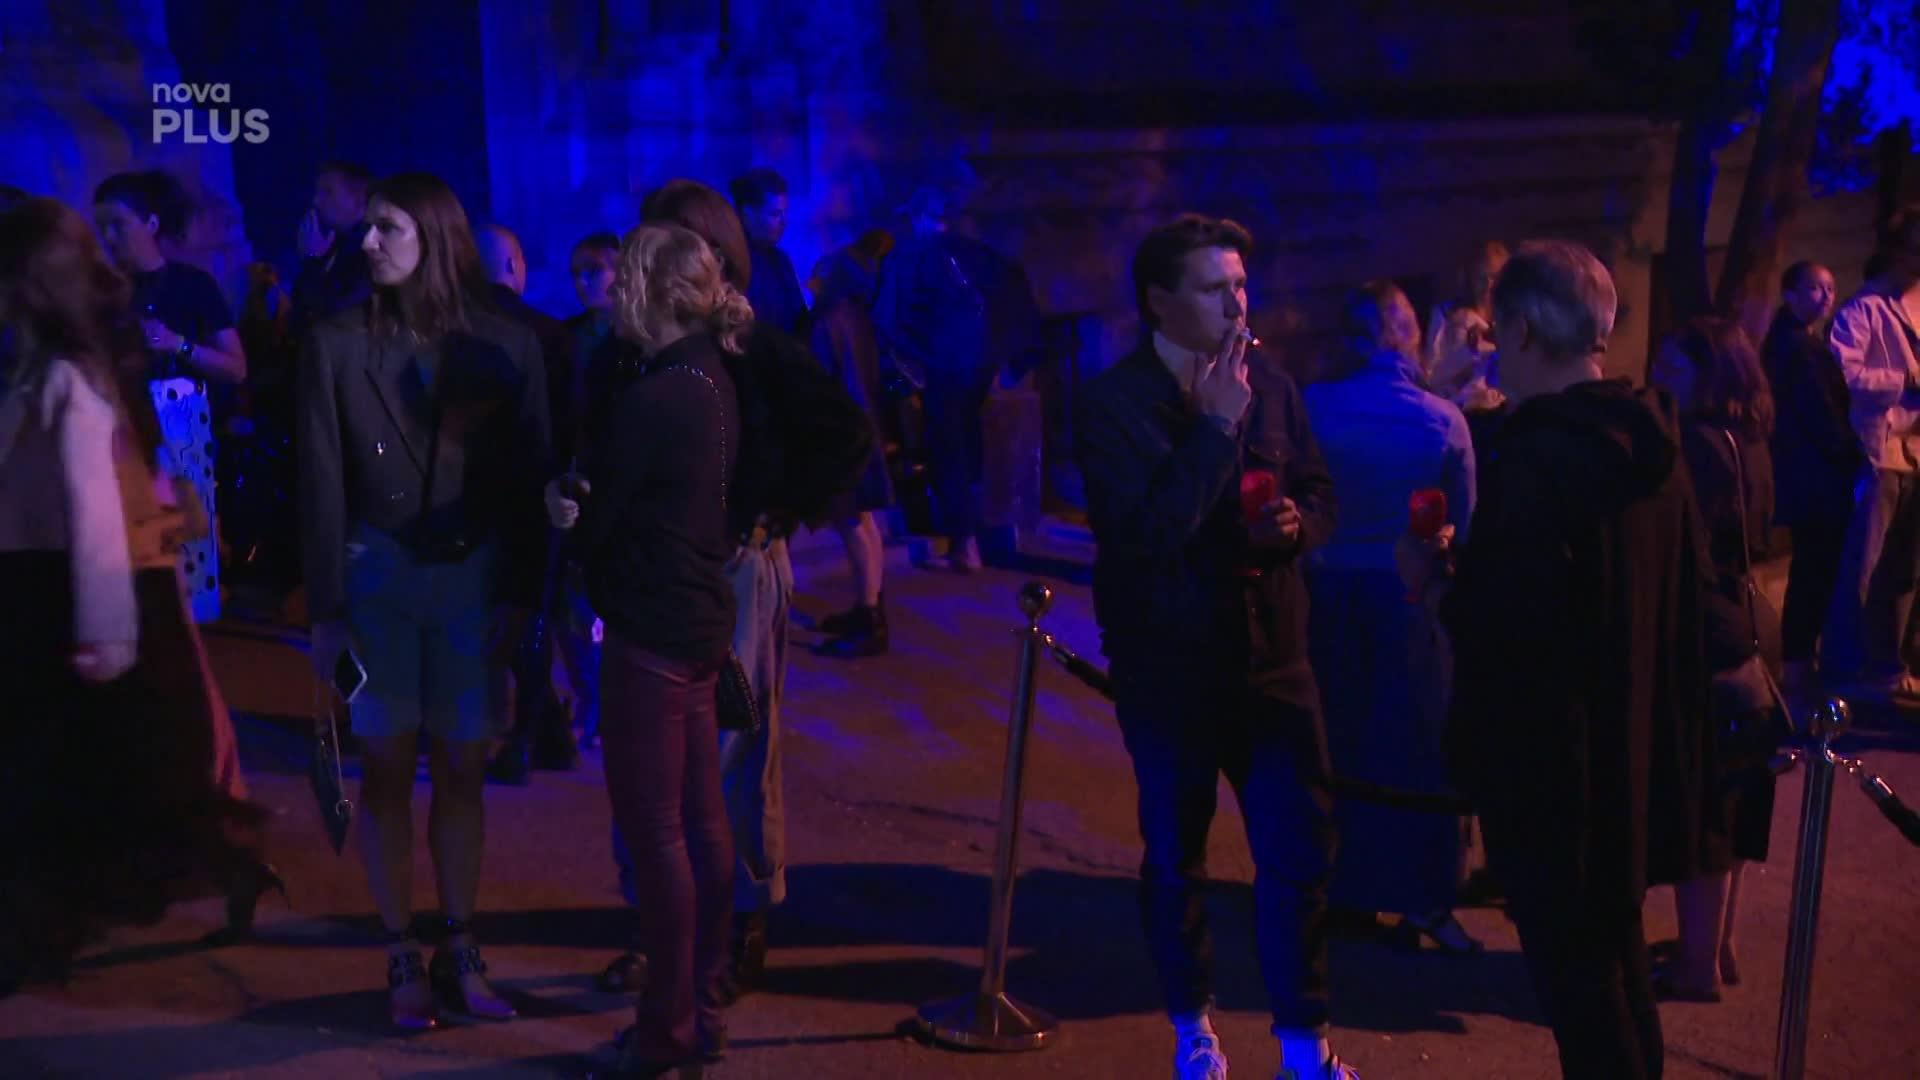 Kdo všechno se objevil na velkolepé party? Dorazil i zpěvák Albert Černý!